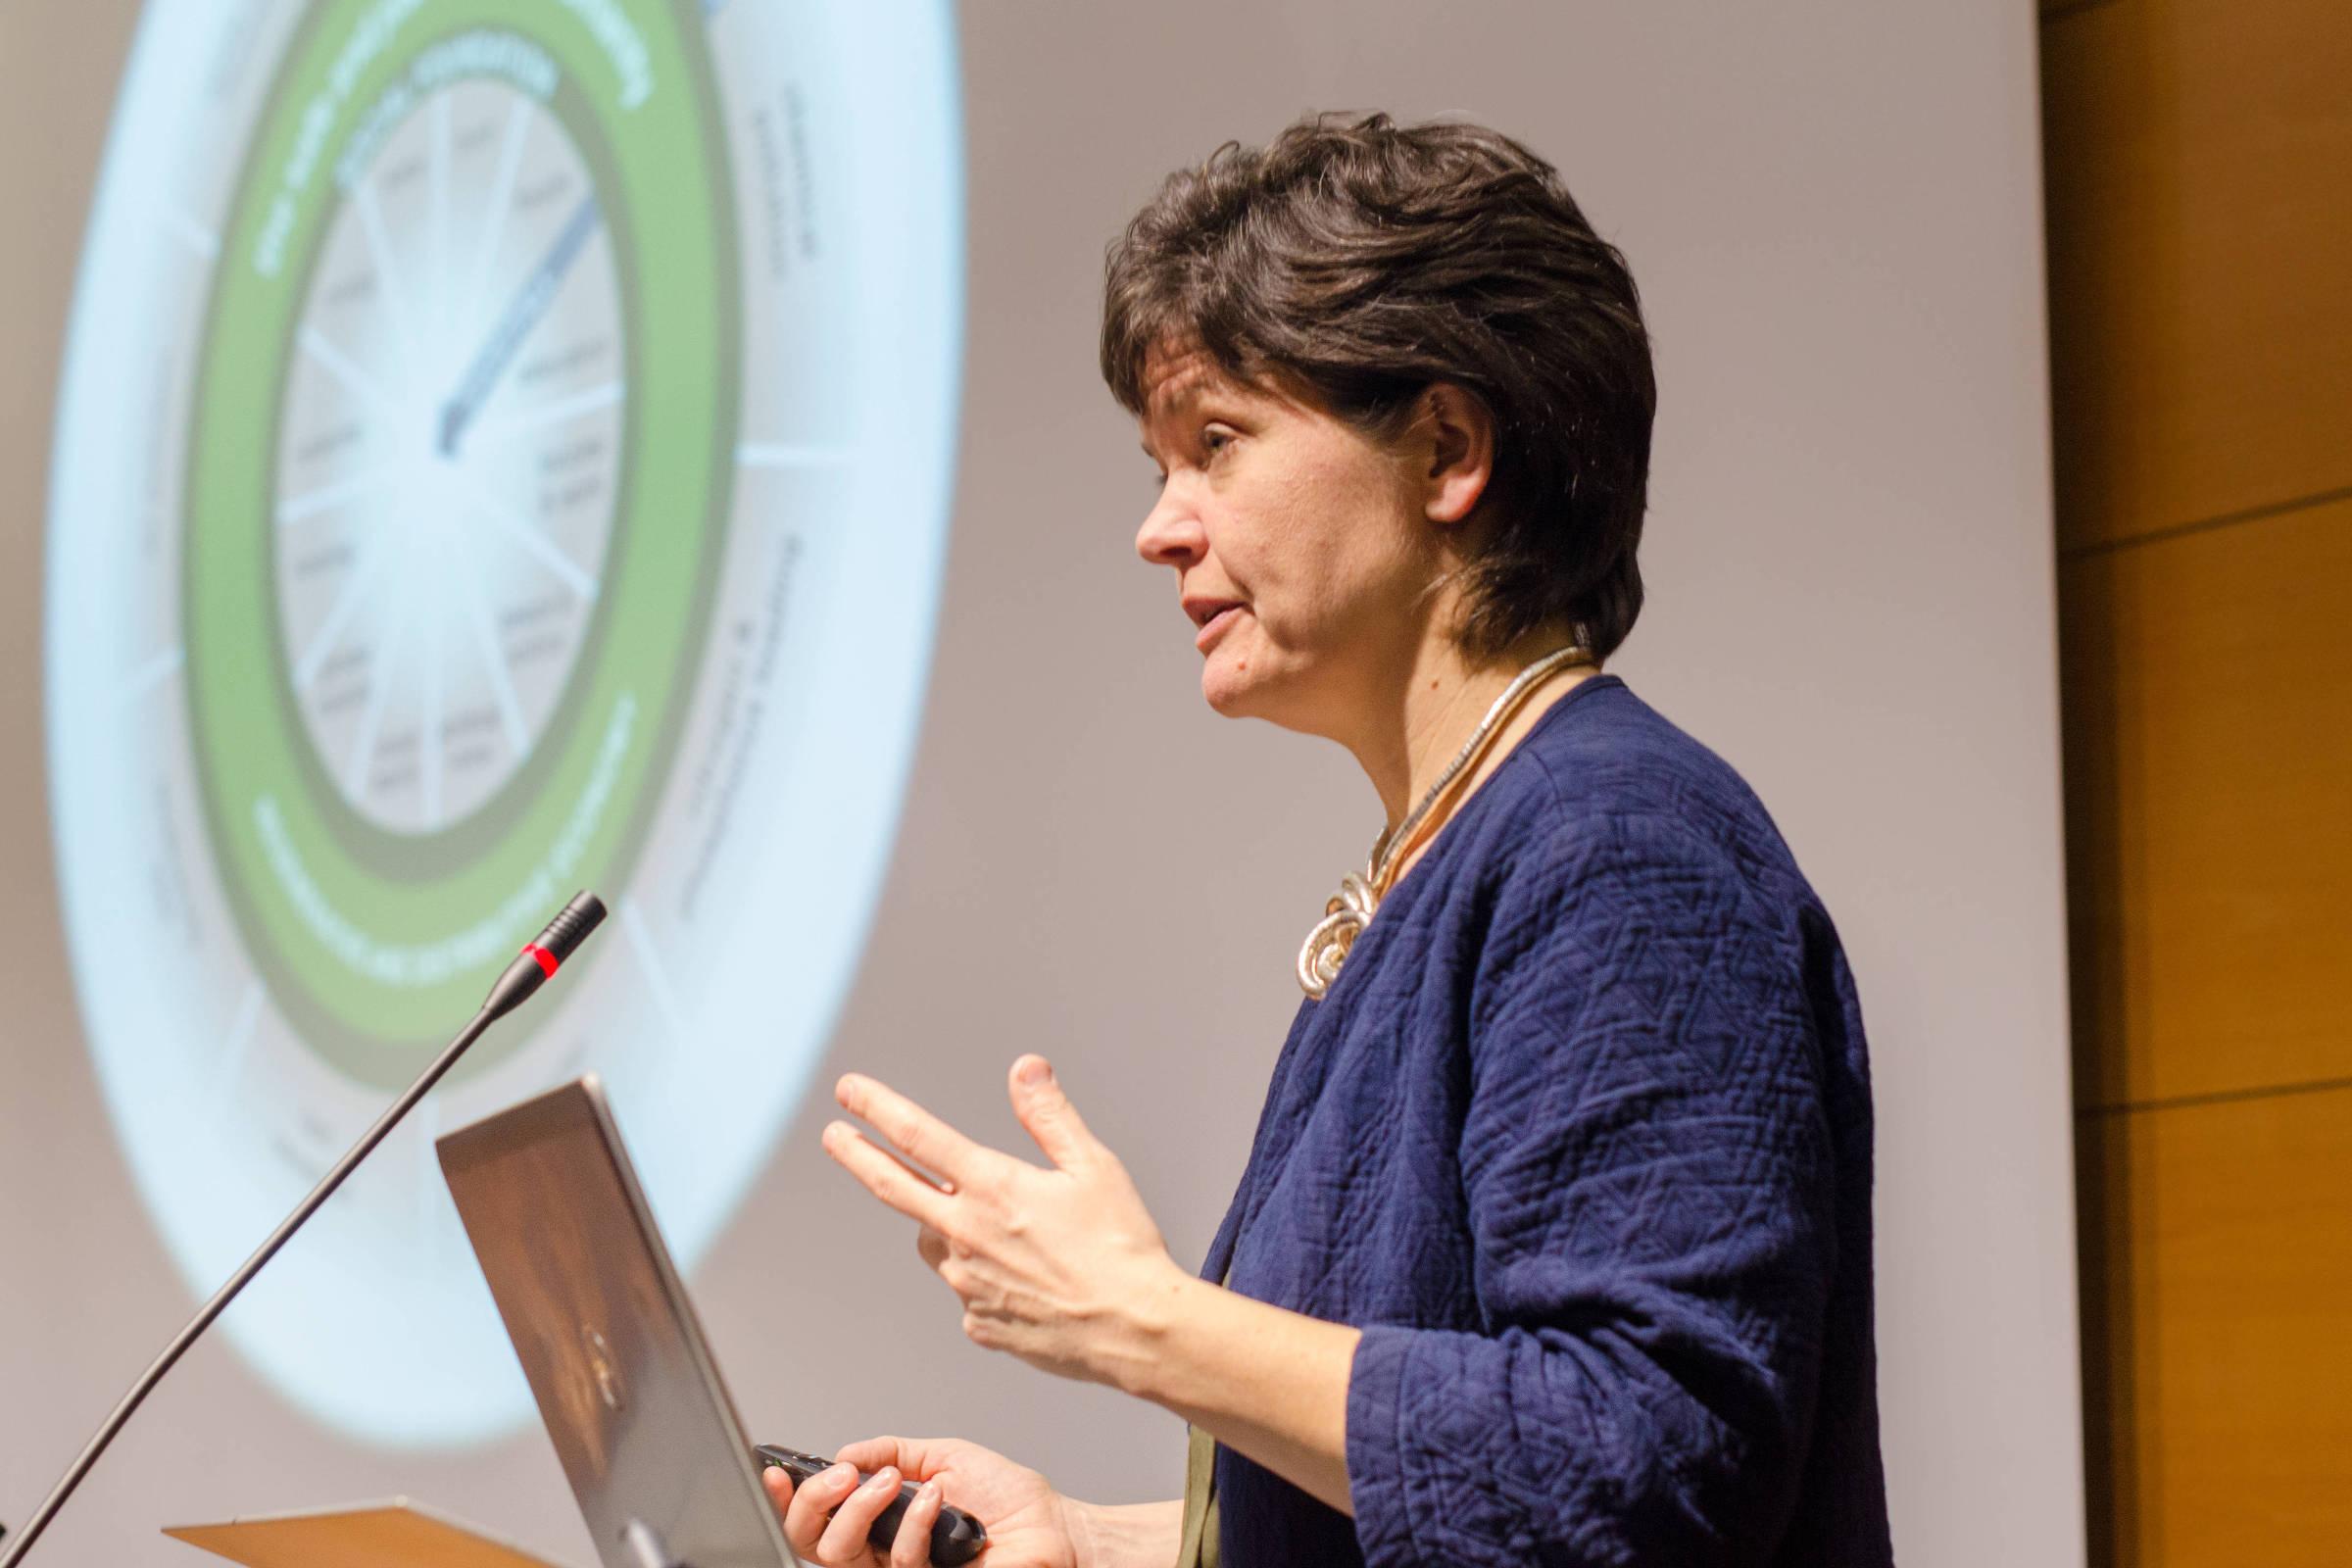 Crescimento a qualquer custo levará planeta à destruição, diz professora da Oxford